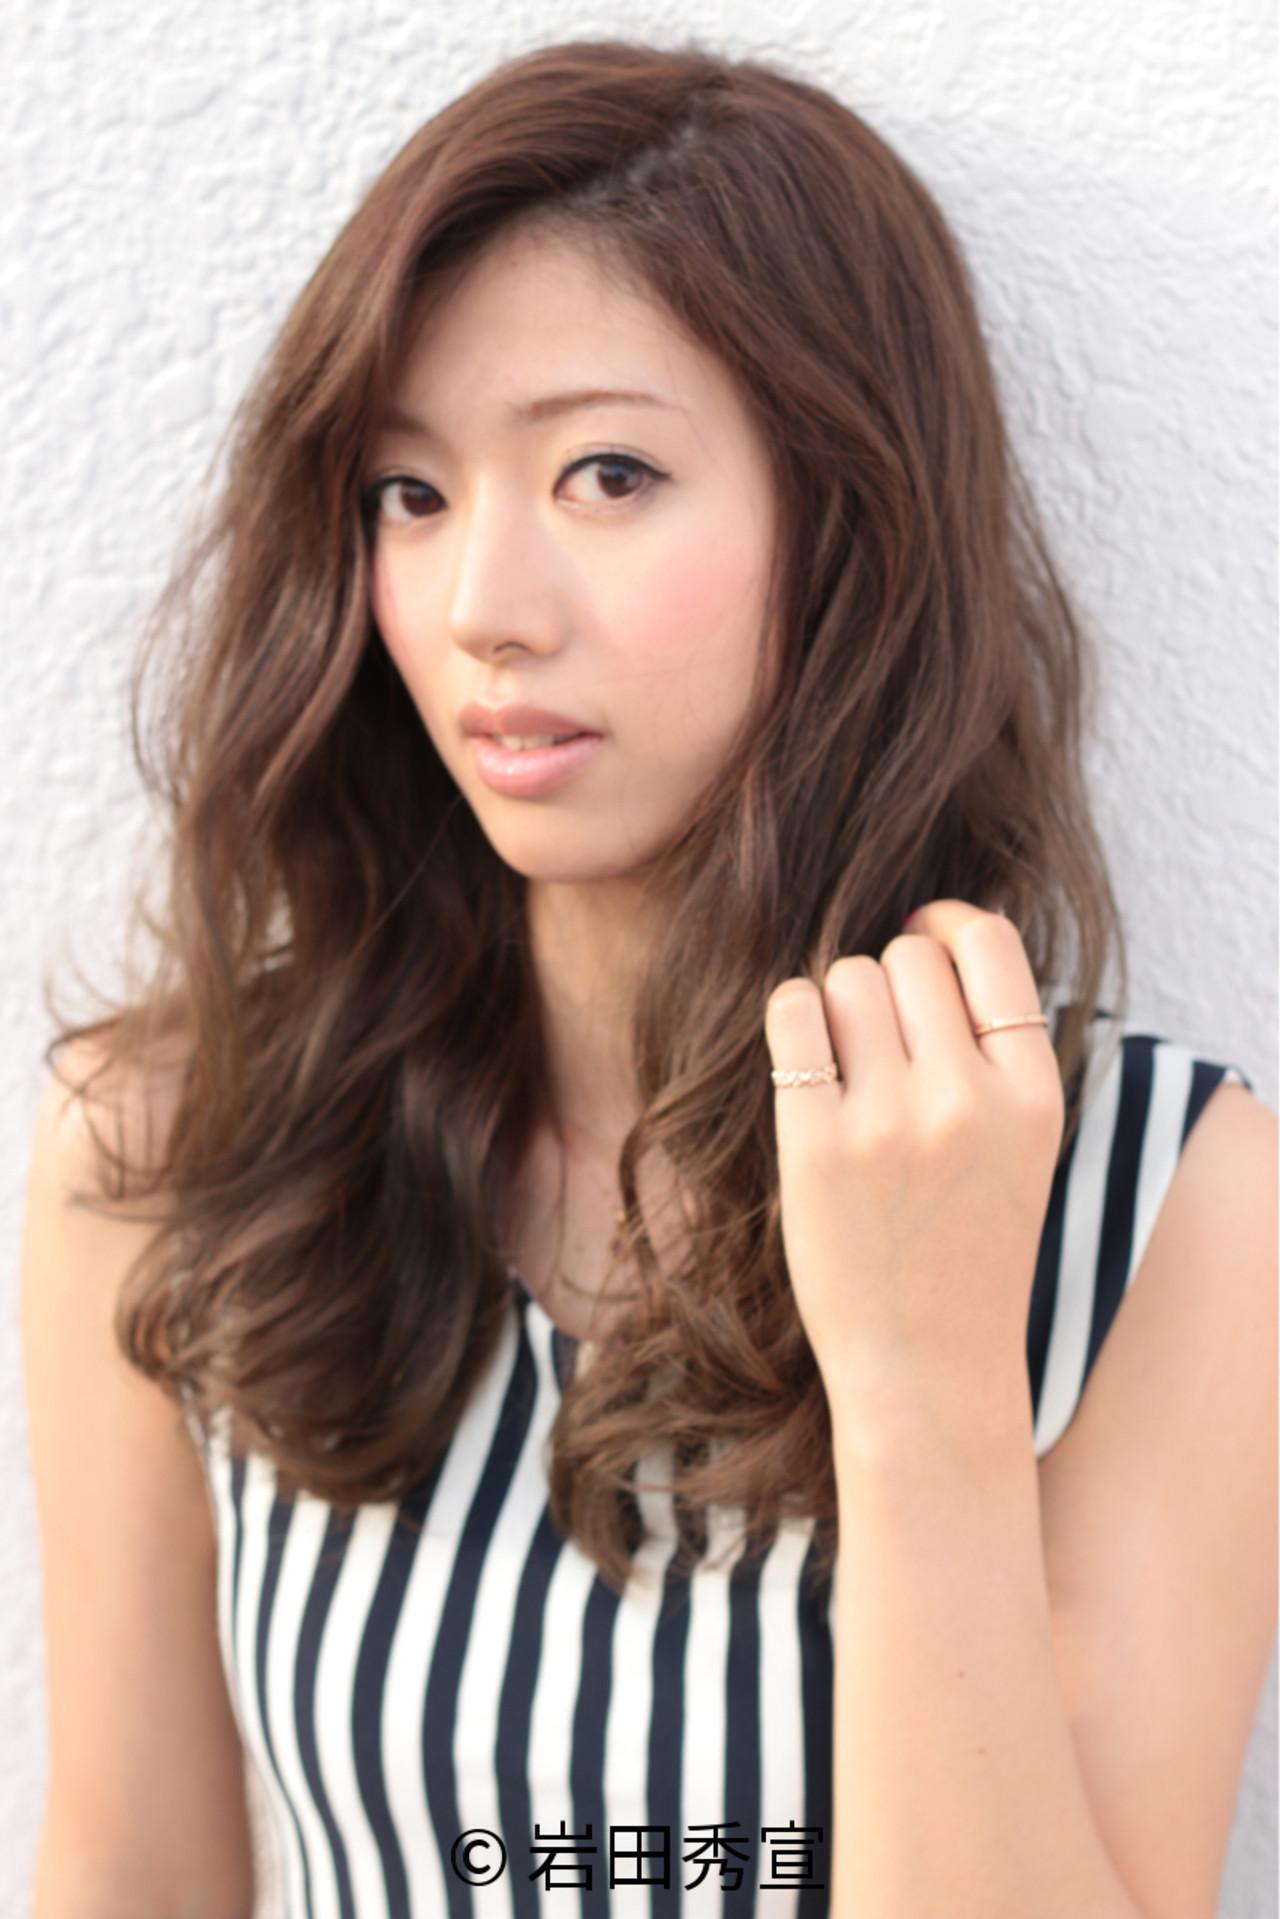 前髪なしのモテスタイル♡長さ別で比べてみました 岩田秀宣